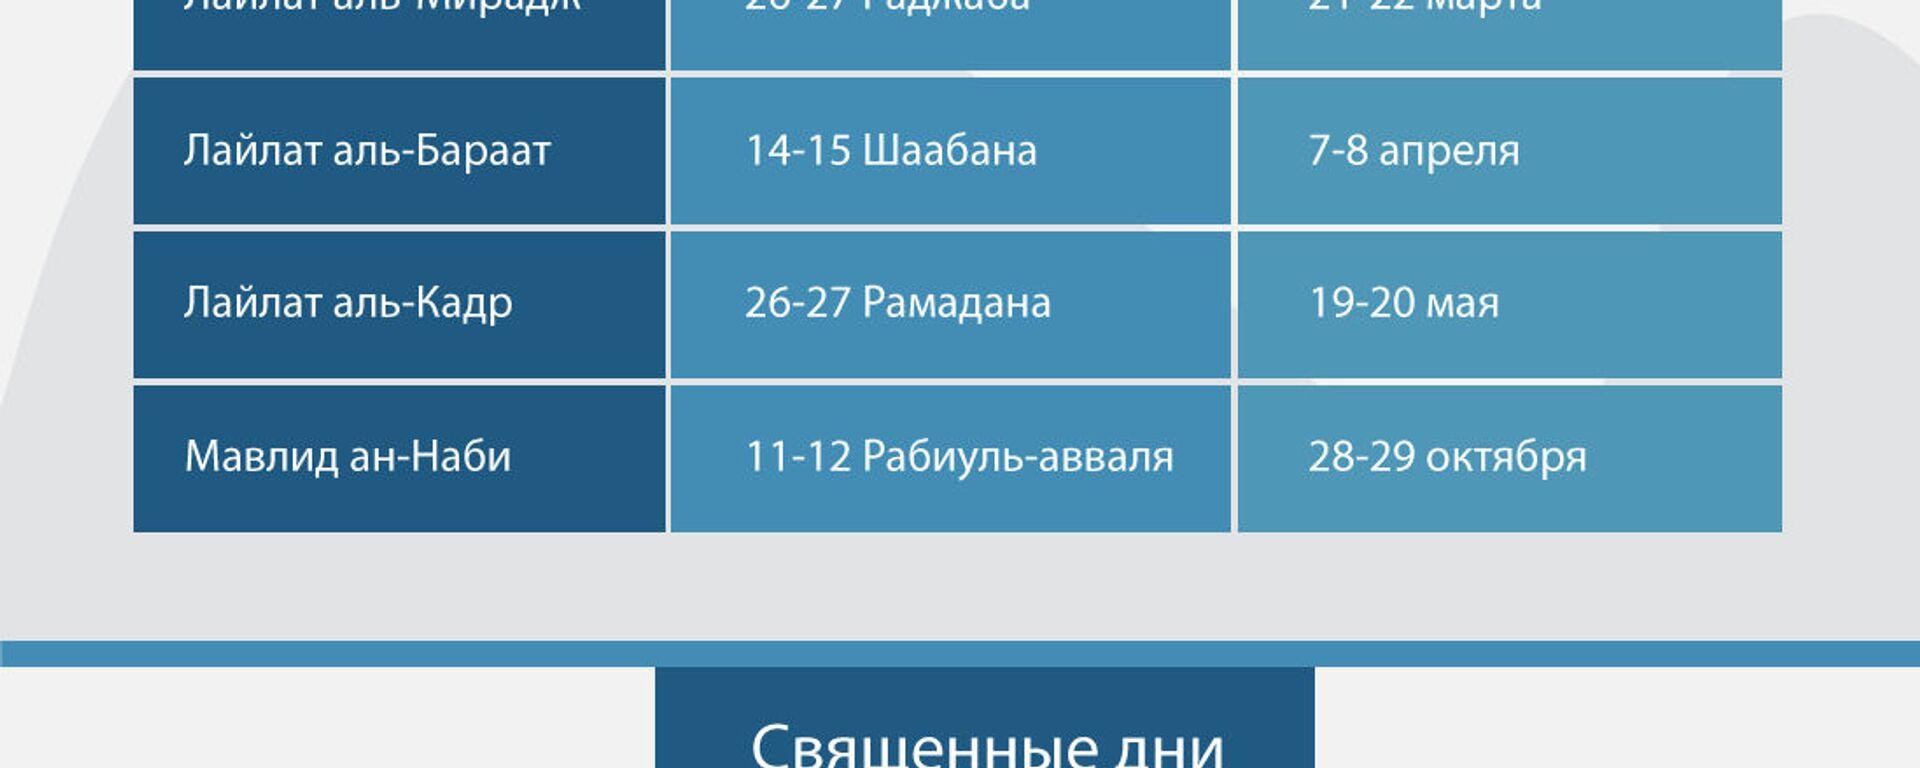 Мусульманский календарь праздников и постов, 2020 год - Sputnik Грузия, 1920, 25.09.2019